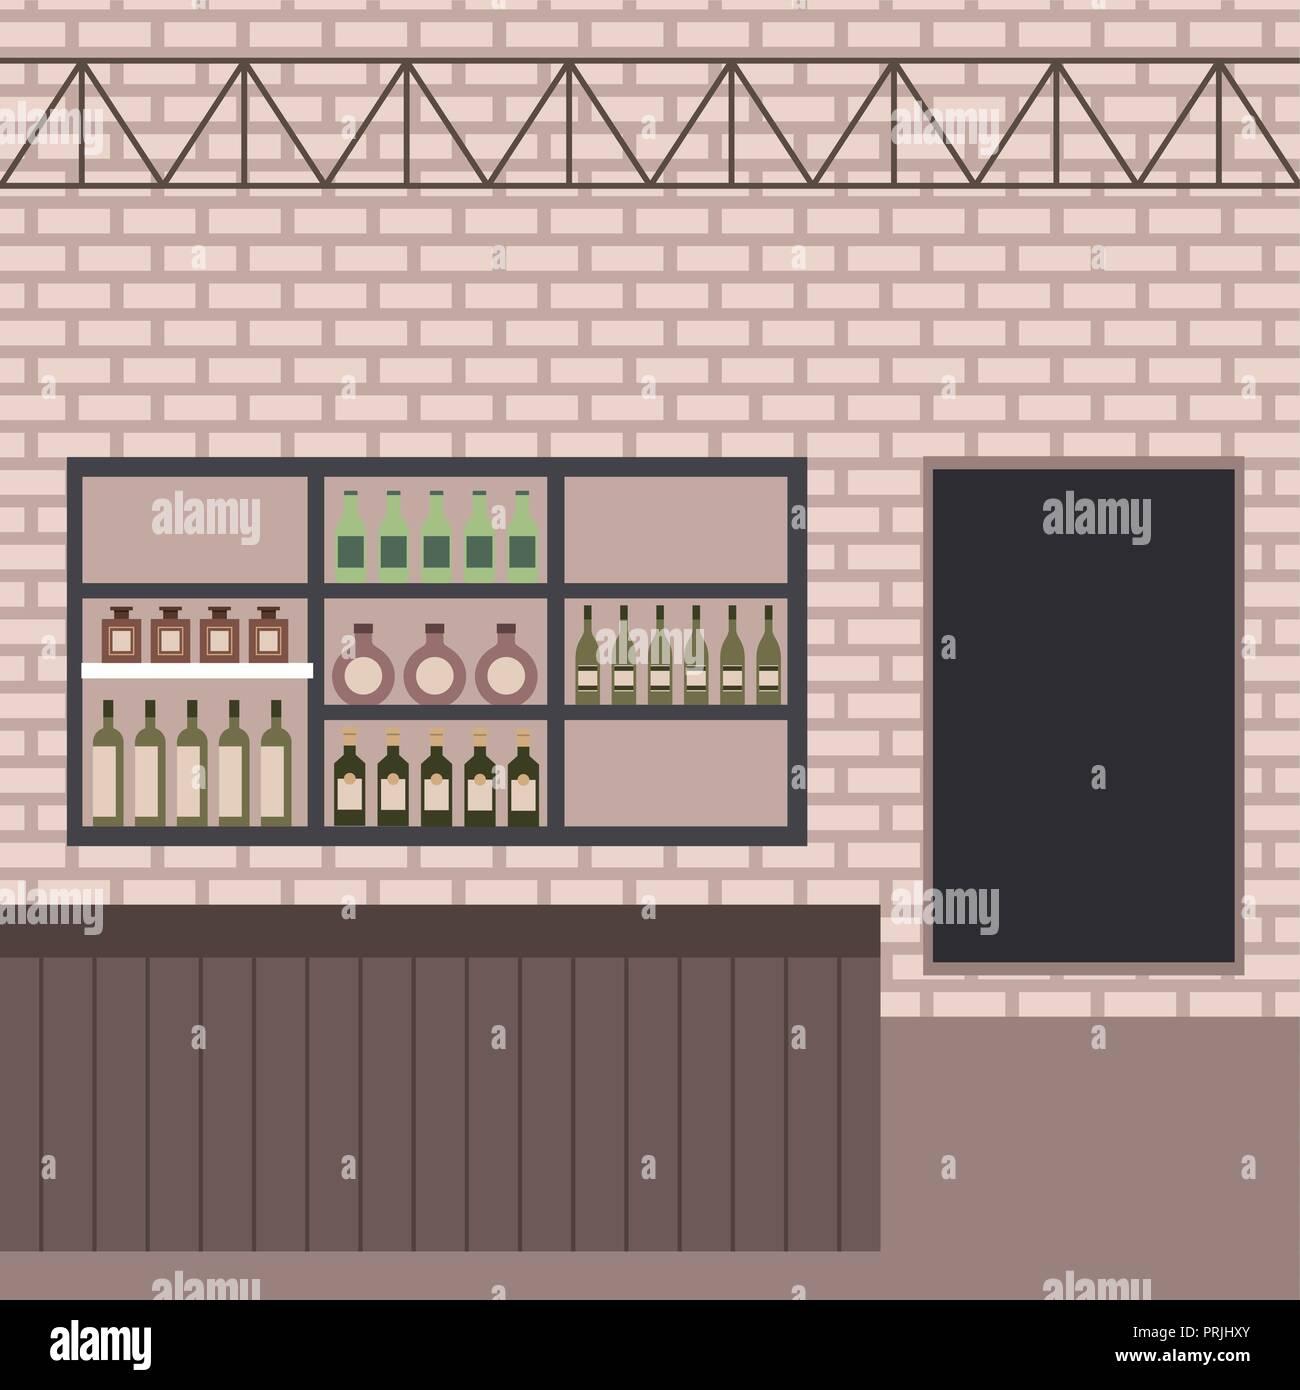 Etagere Sur Mur En Brique bar comptoir boissons bouteilles étagère mur brique vecteurs